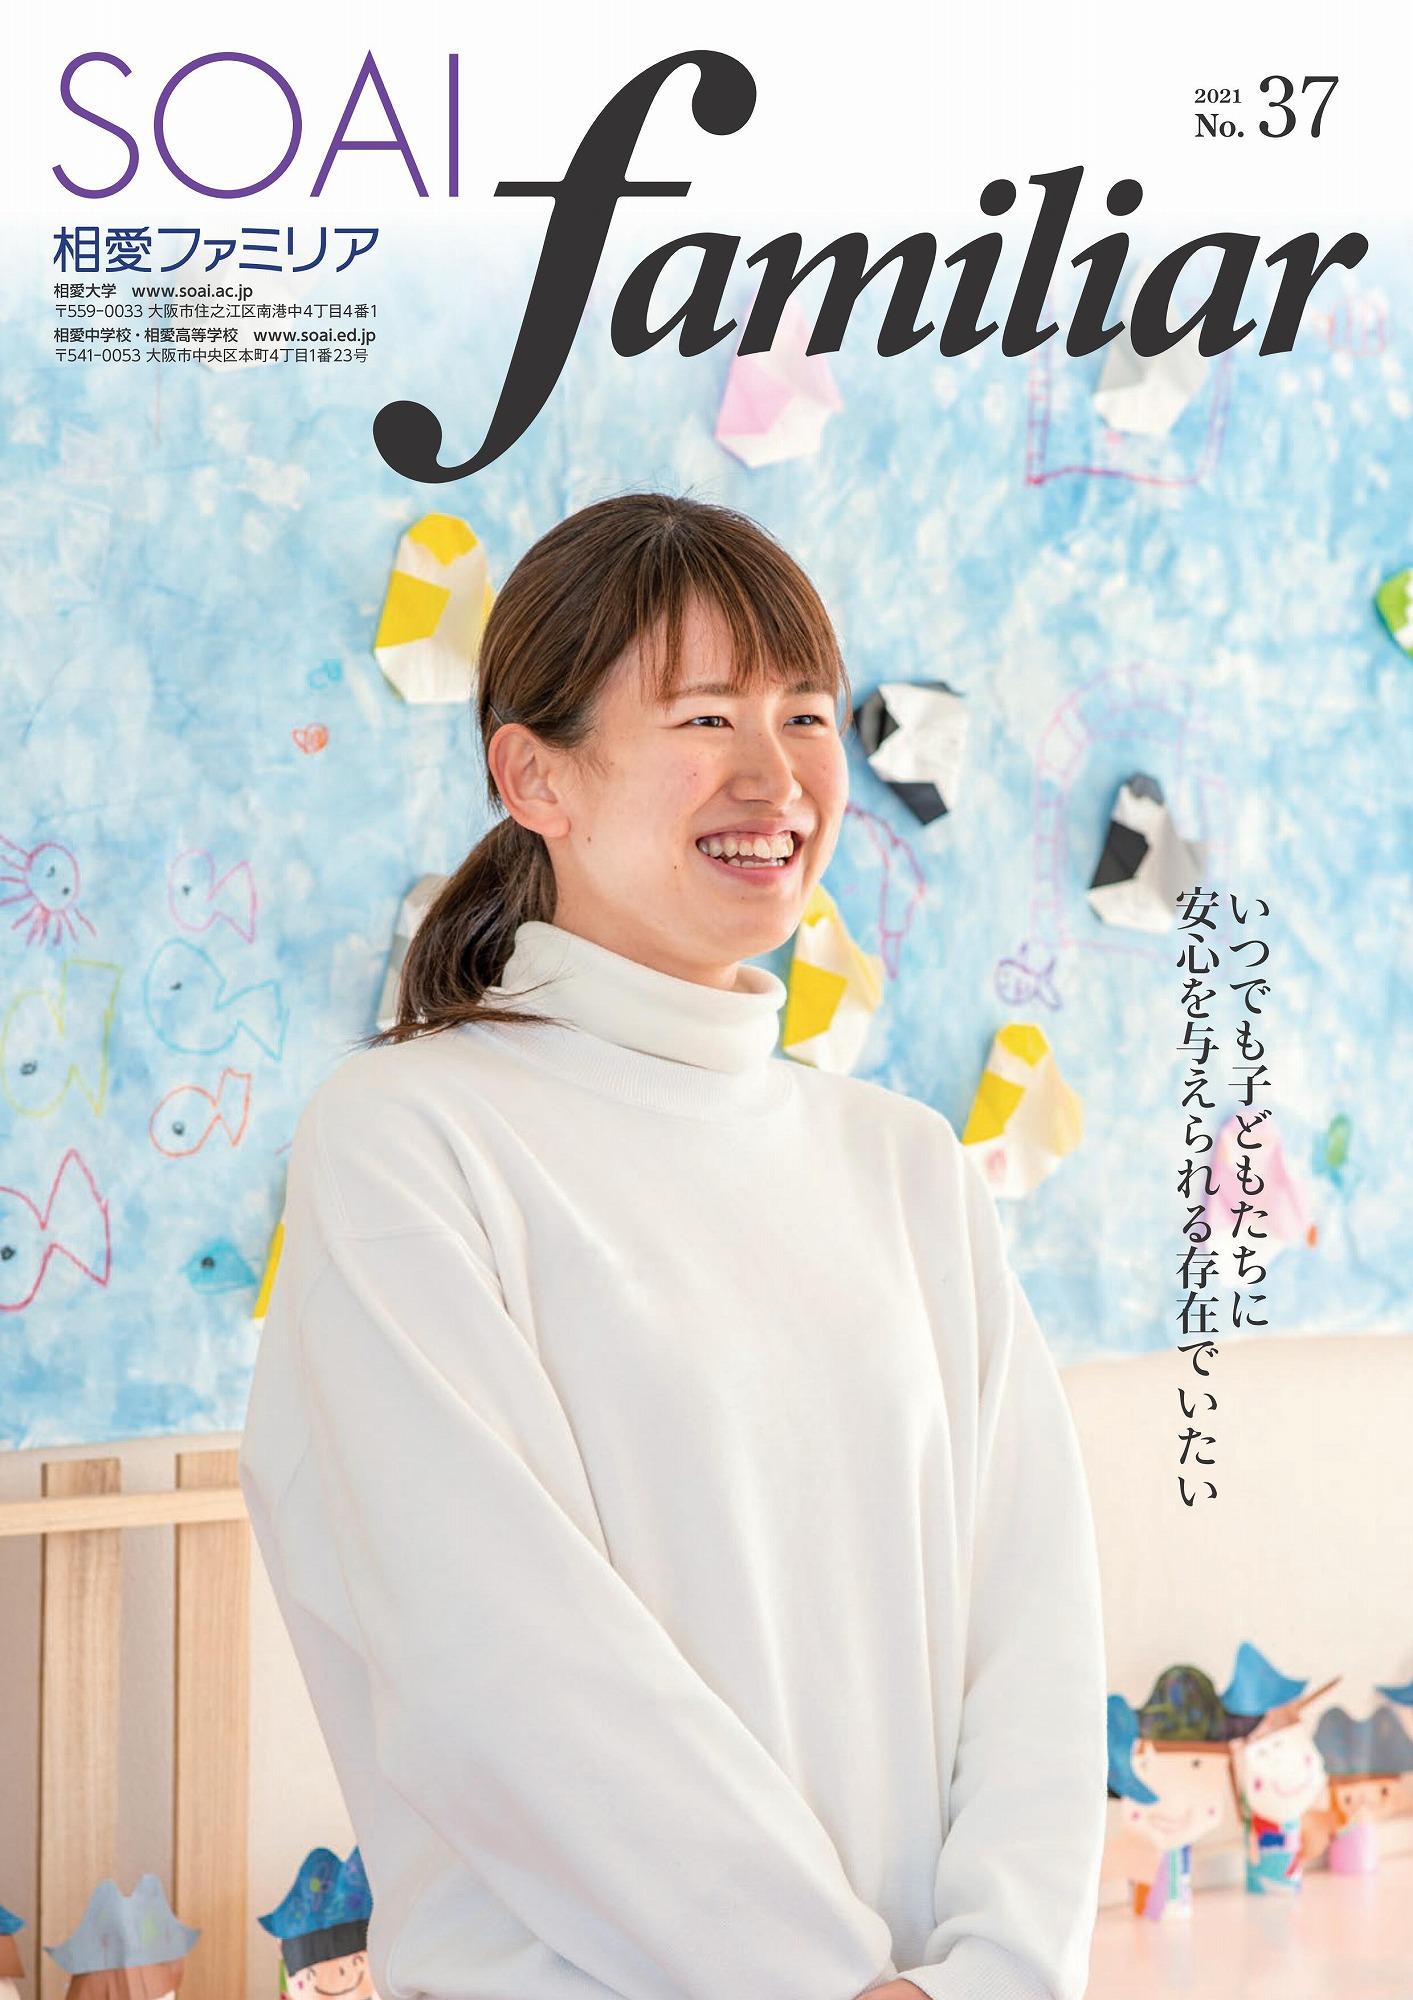 https://www.soai.ac.jp/information/news/2021_soaifamiliar.jpg